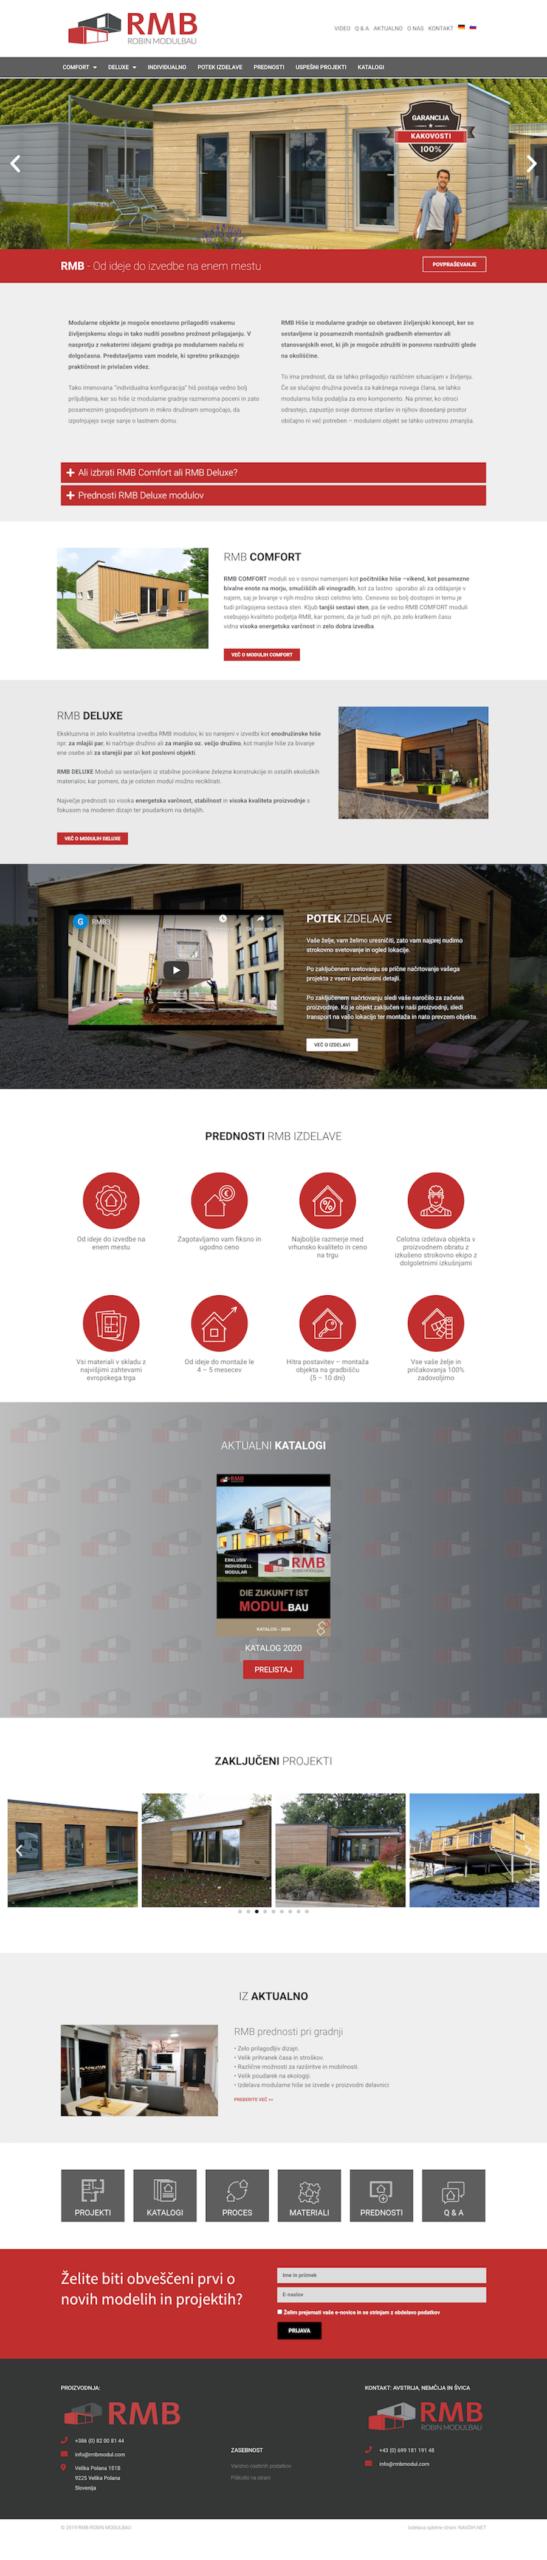 Izdelava spletnih strani RMB Modulbau